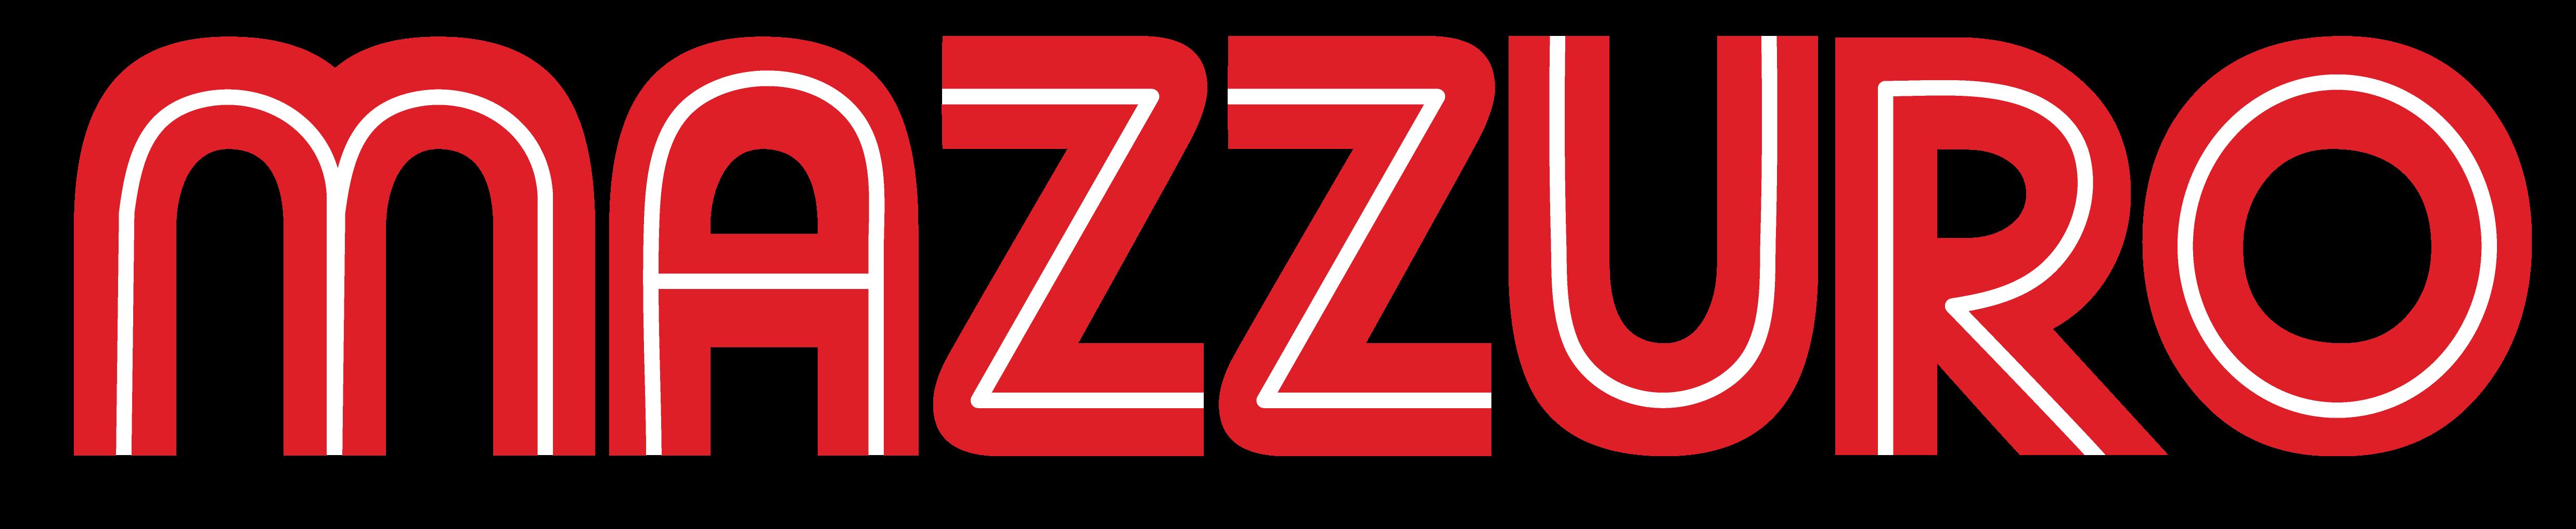 mazzuro